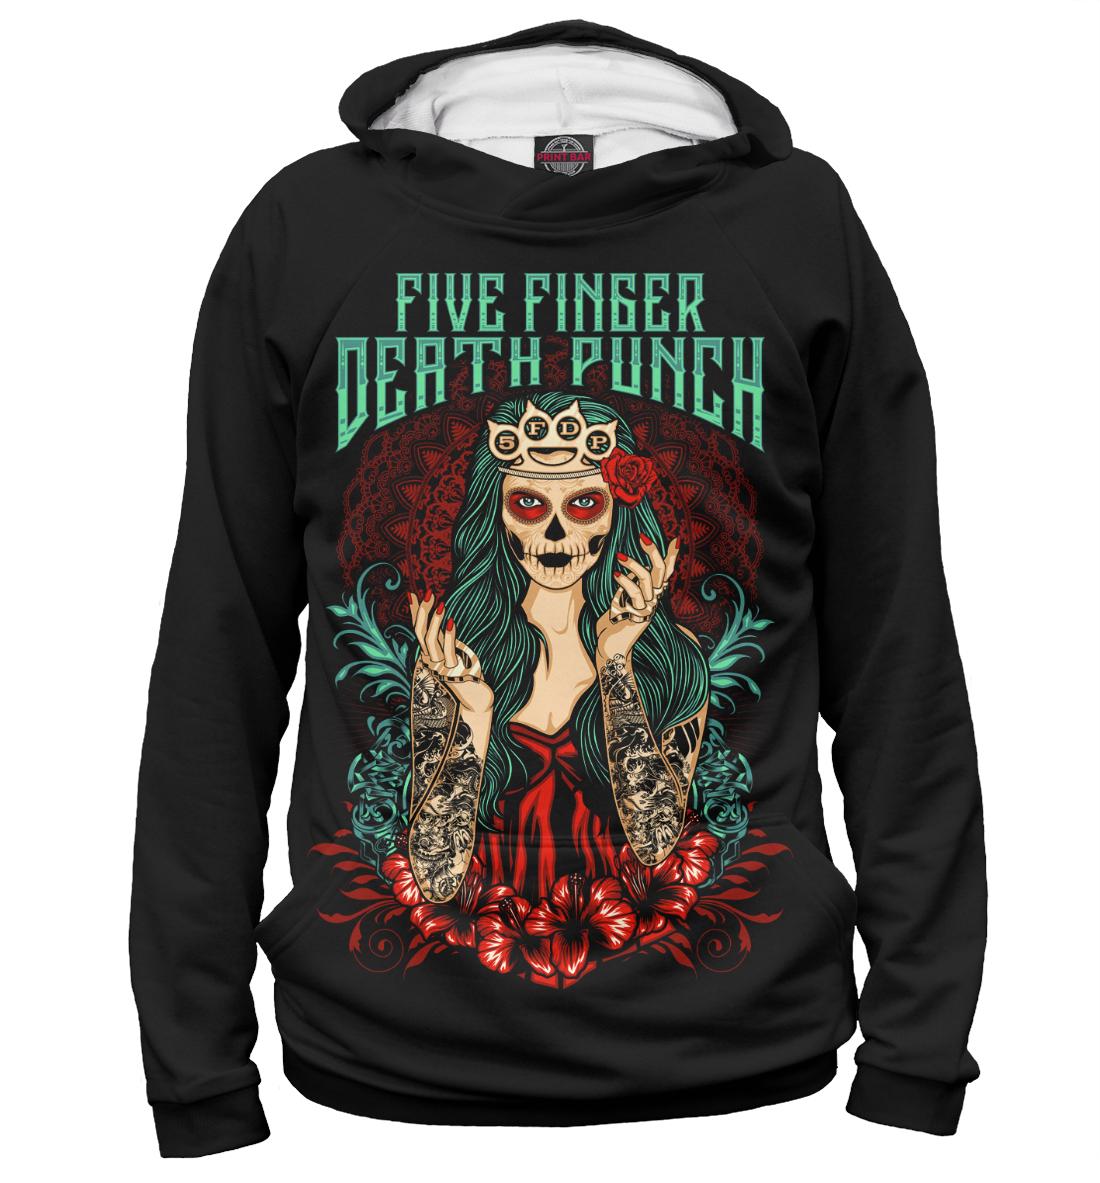 Купить Five Finger Death Punch, Printbar, Худи, FFD-251305-hud-1